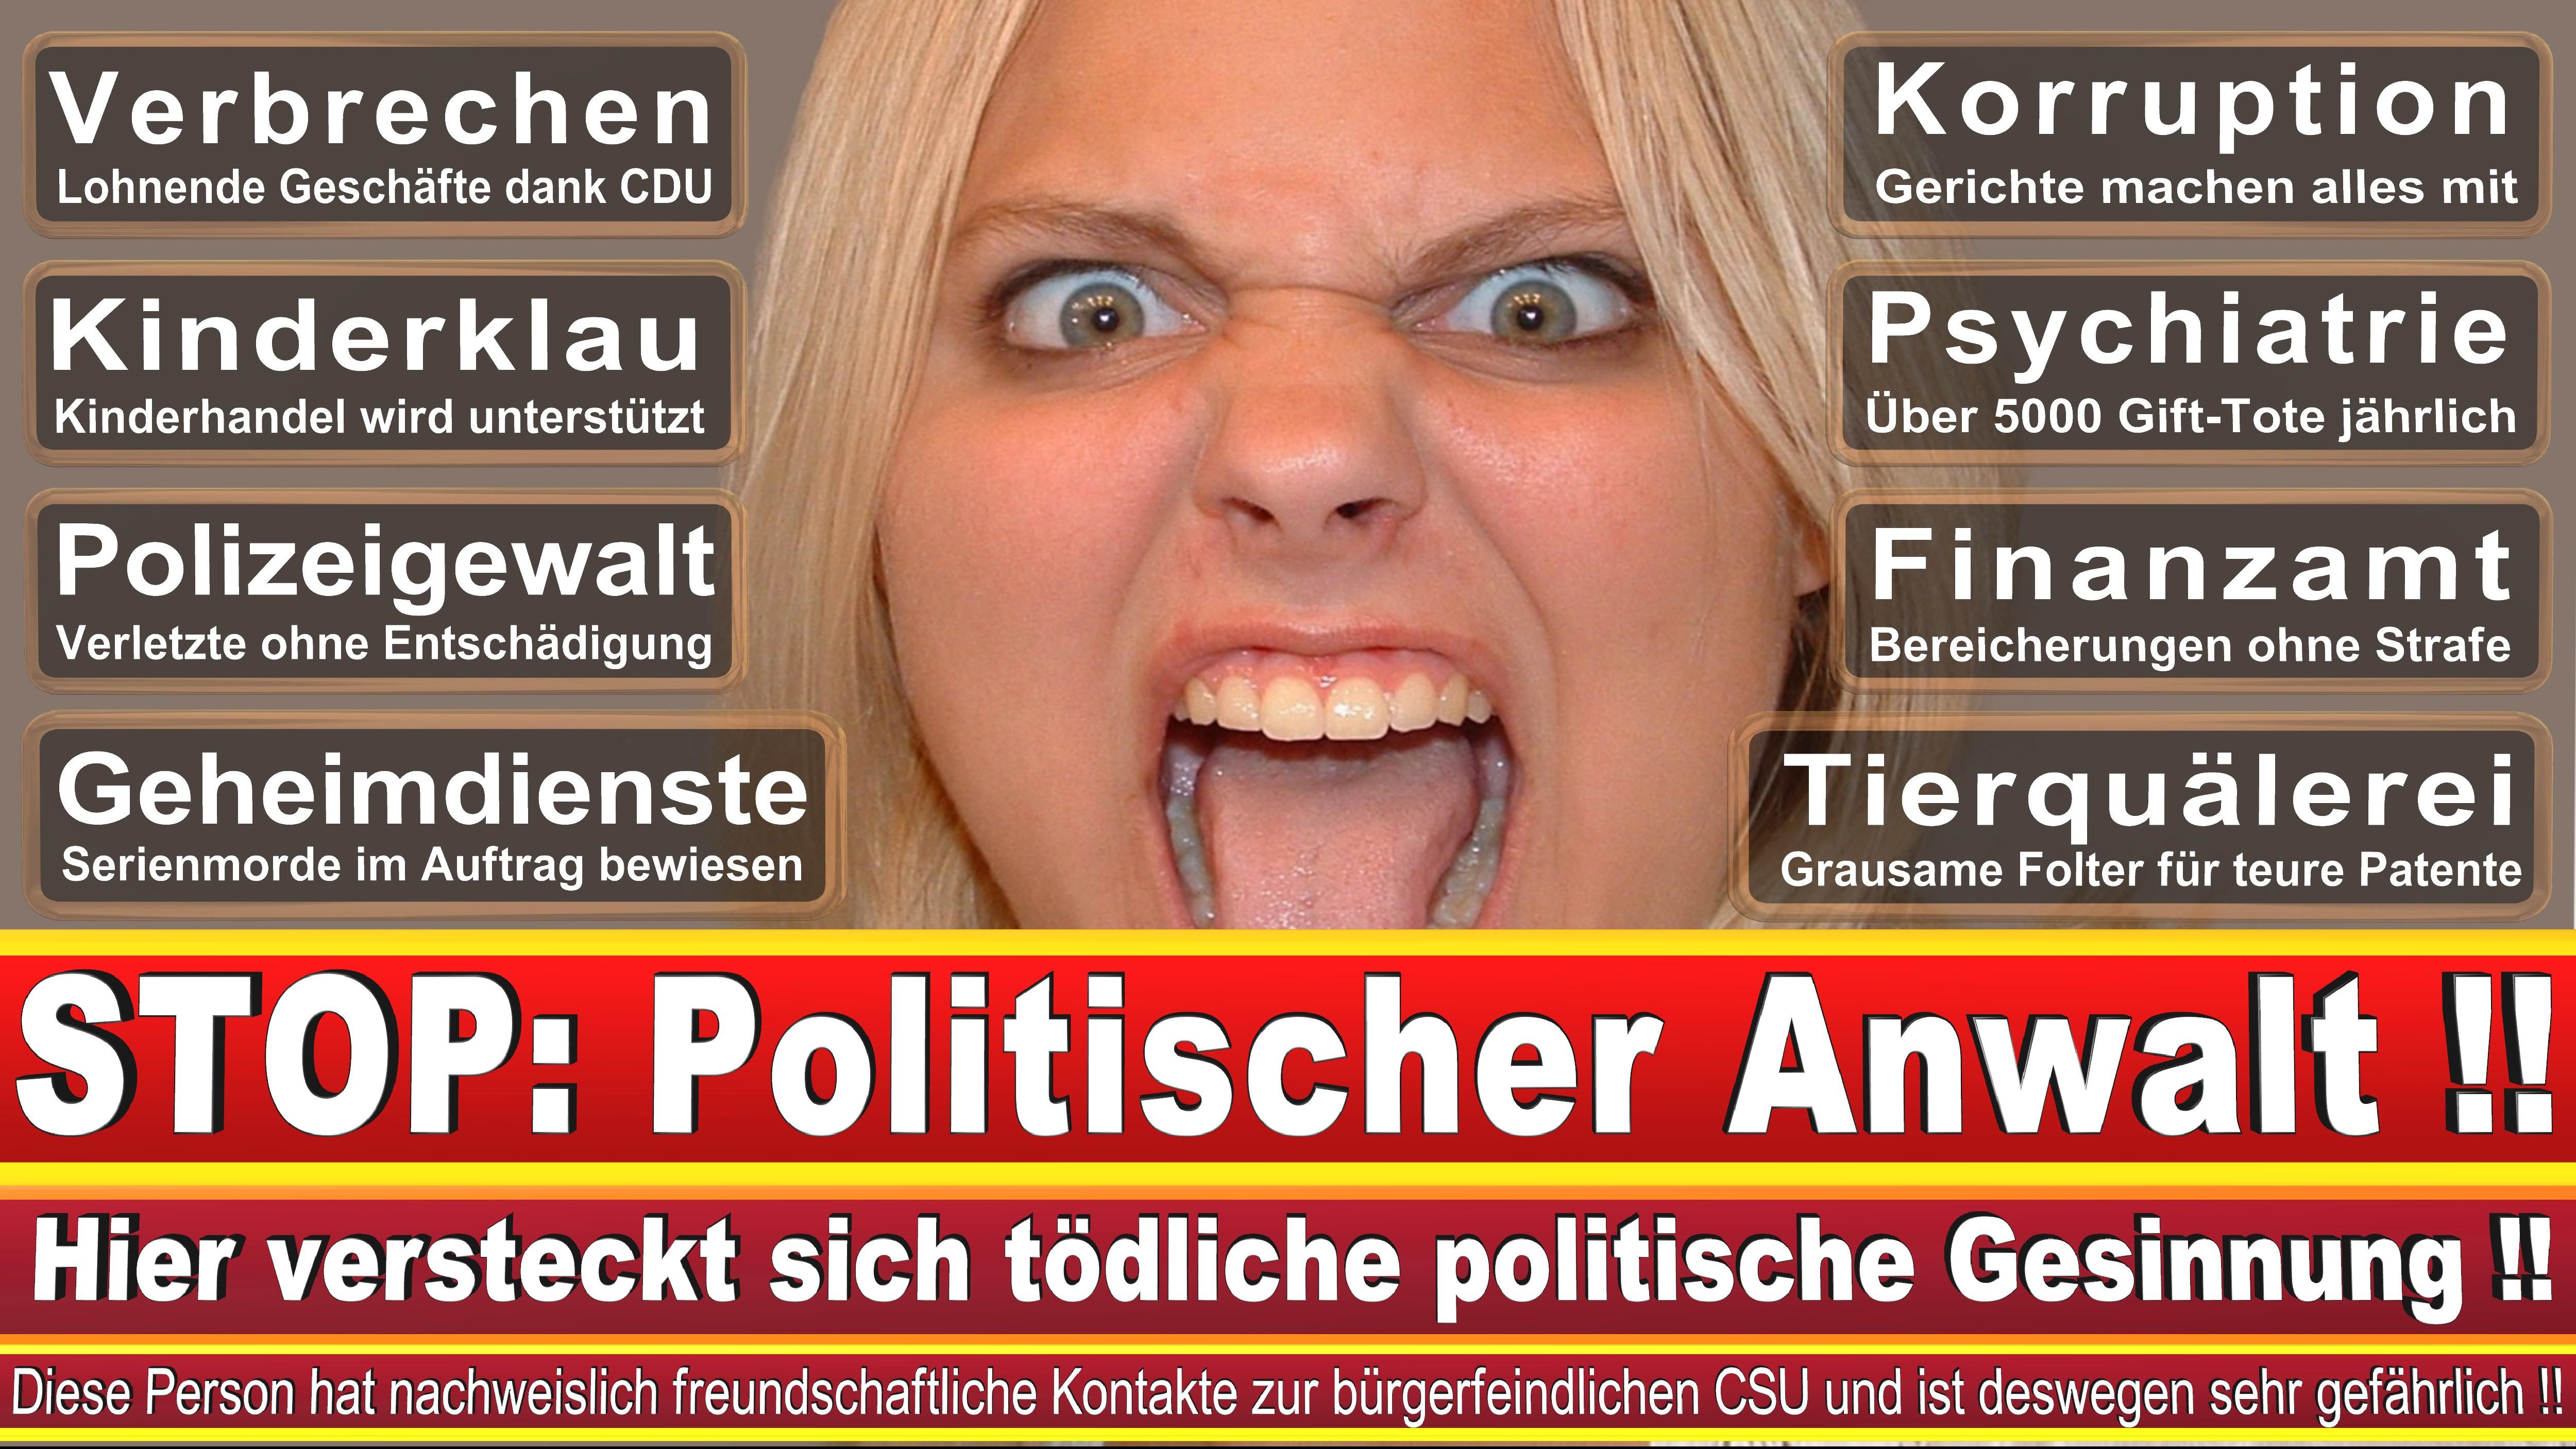 Rechtsanwalt Rechtsanwalt Prof Dr Jens M Schmittmann Essen Betriebswirtschaftslehre Wirtschafts Und Steuerrecht 1